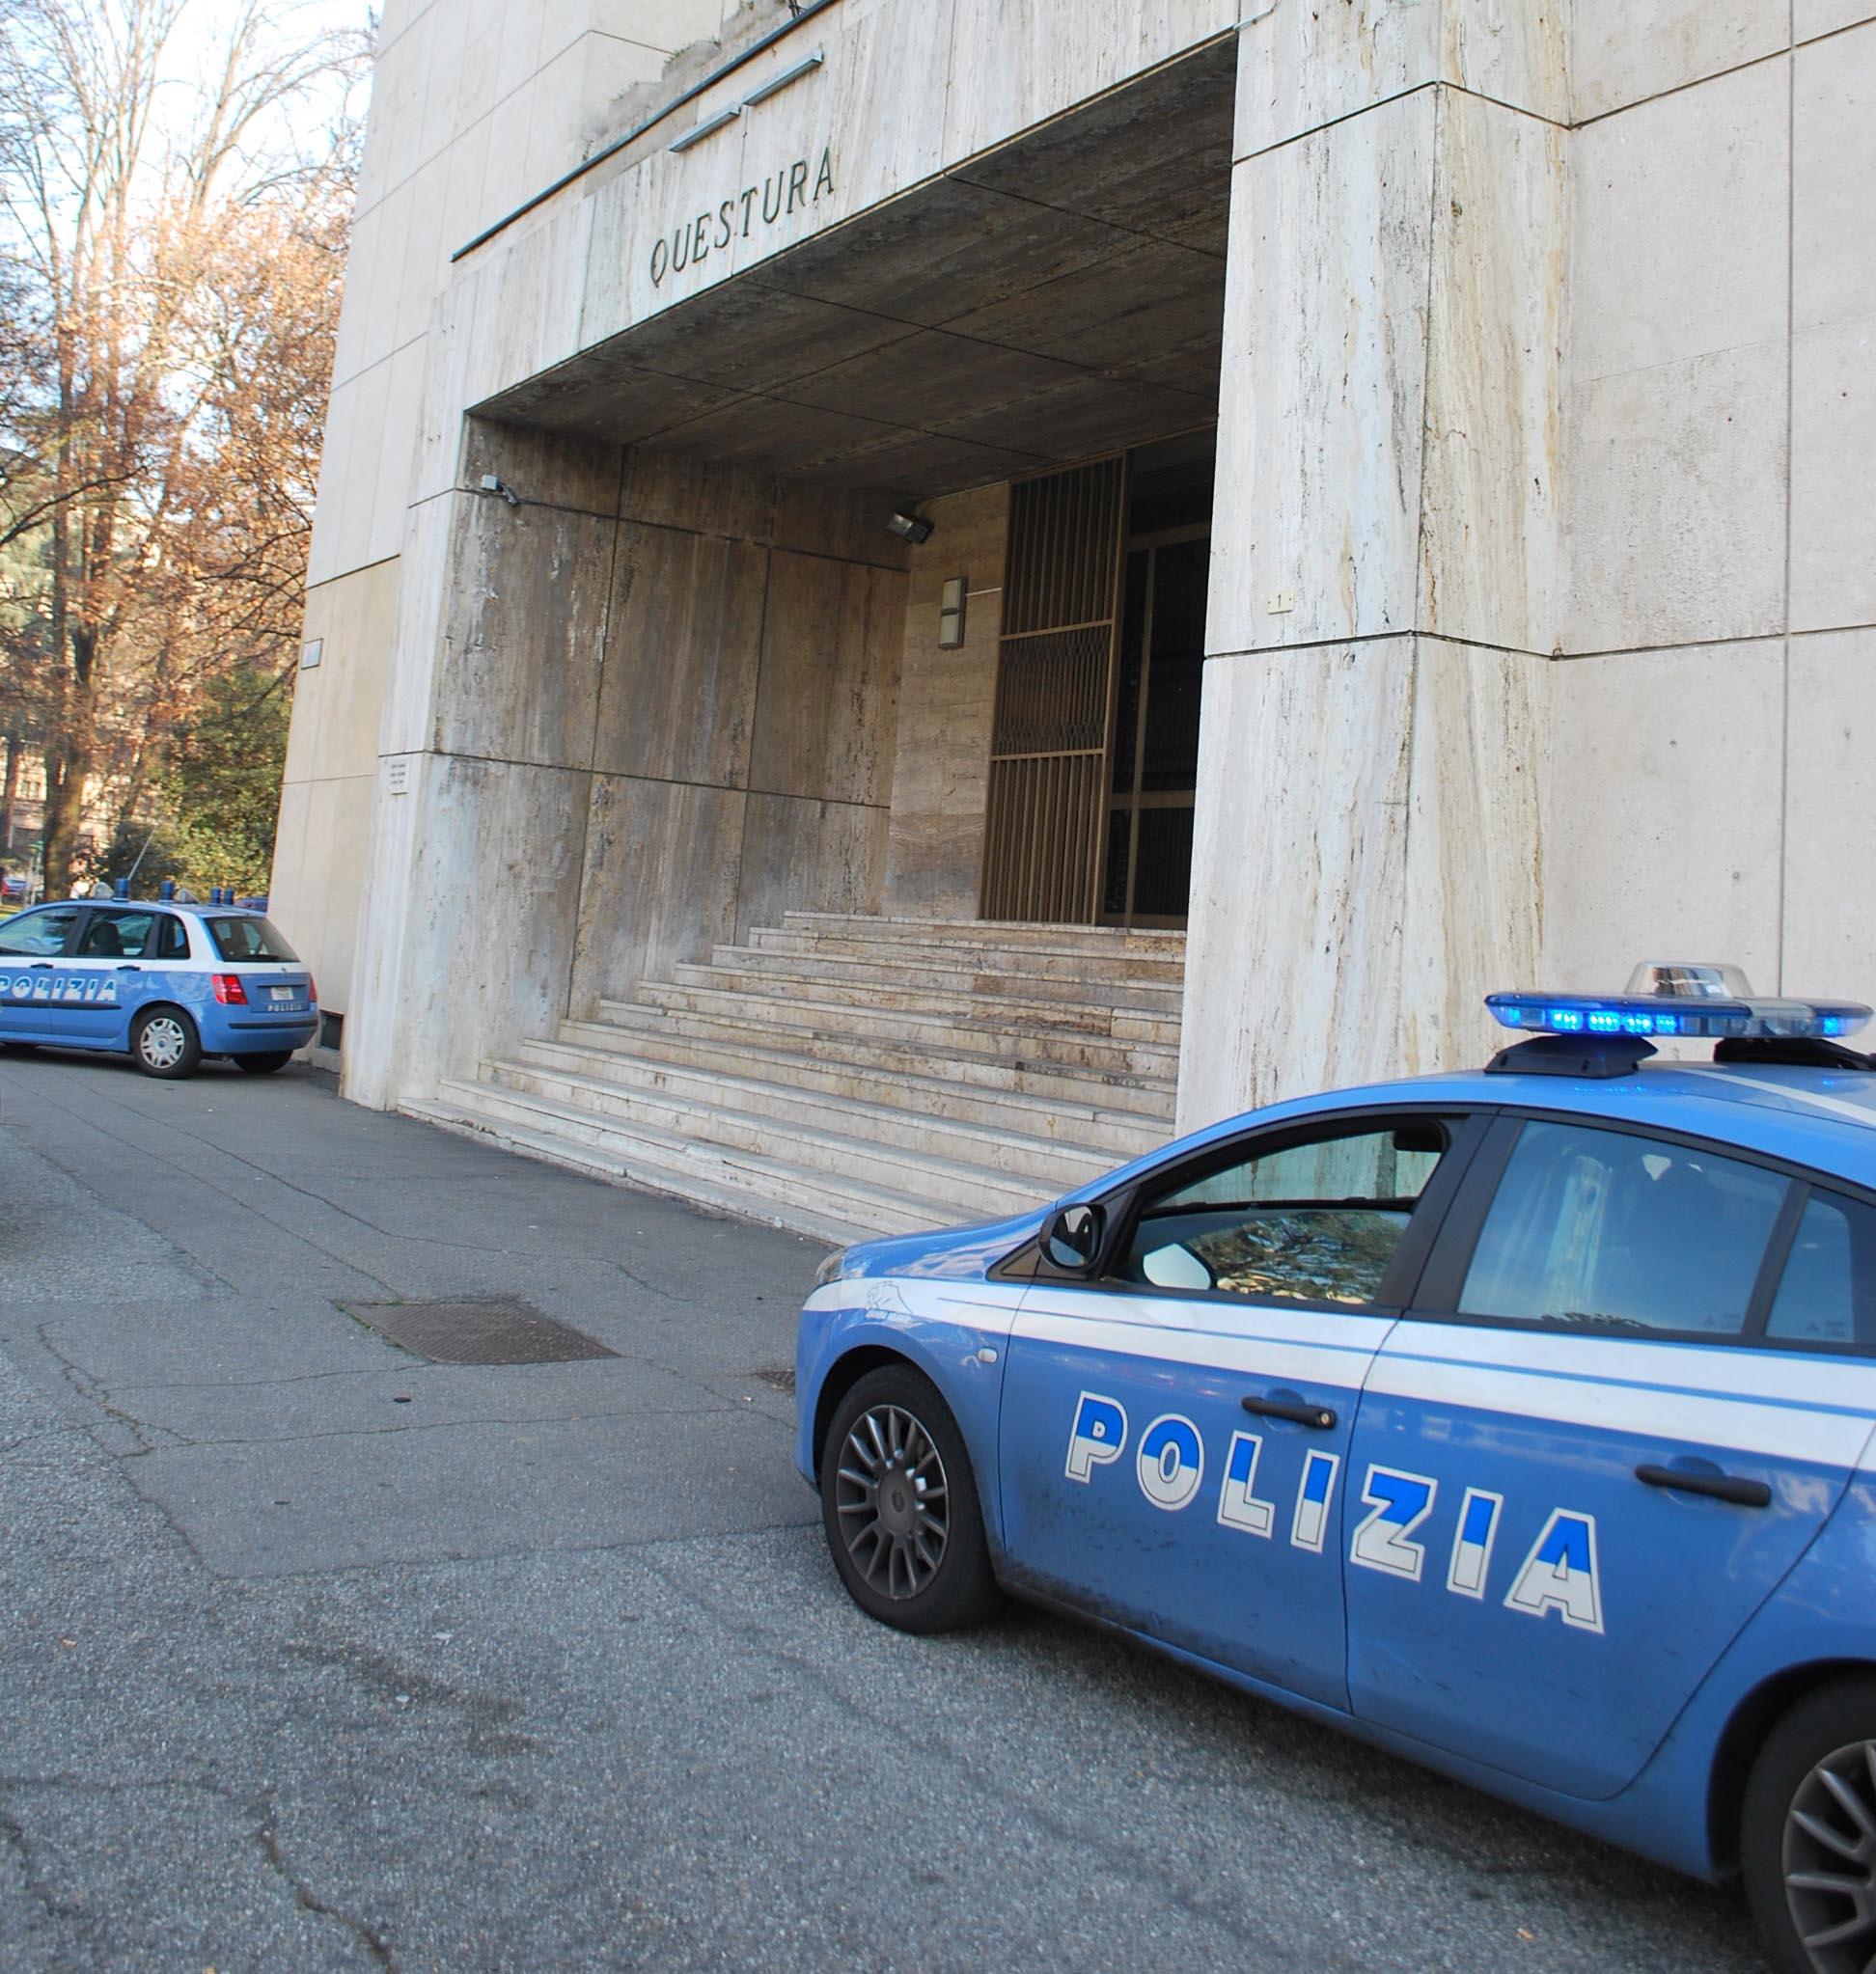 polizia evidenza